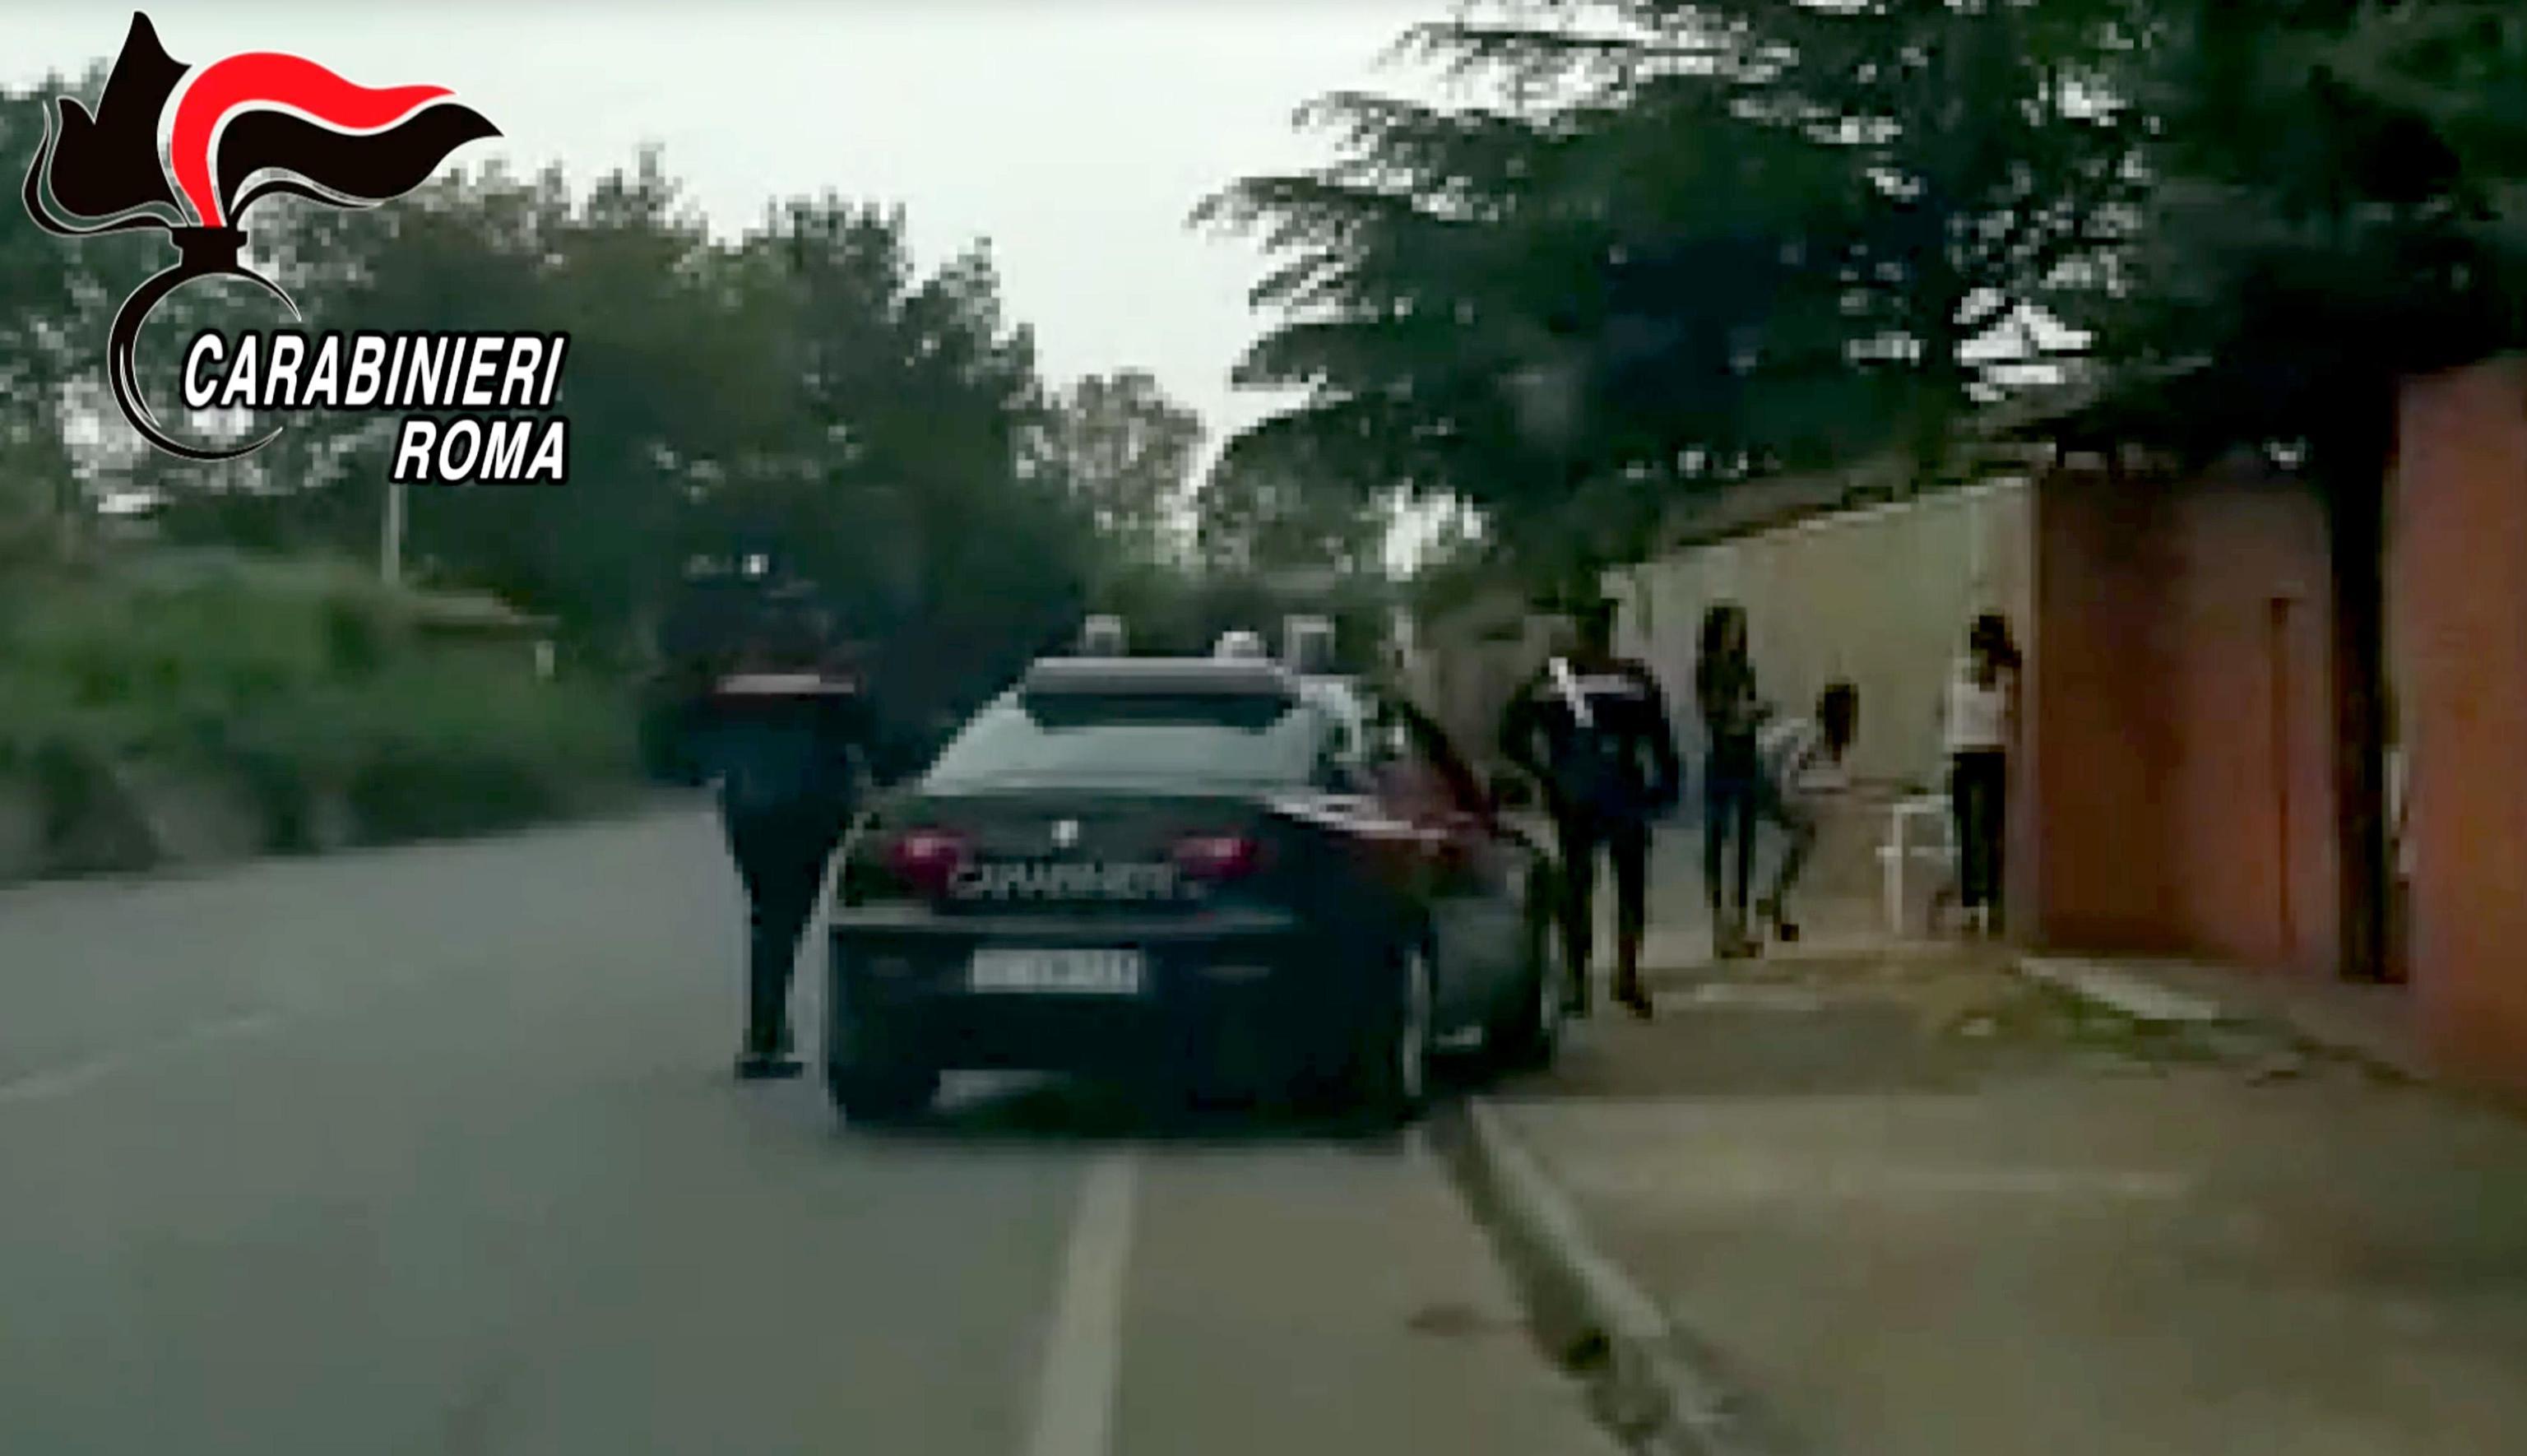 Pomezia, prostituzione in centri massaggi all'insaputa dei mariti: 5 arresti per sfruttamento